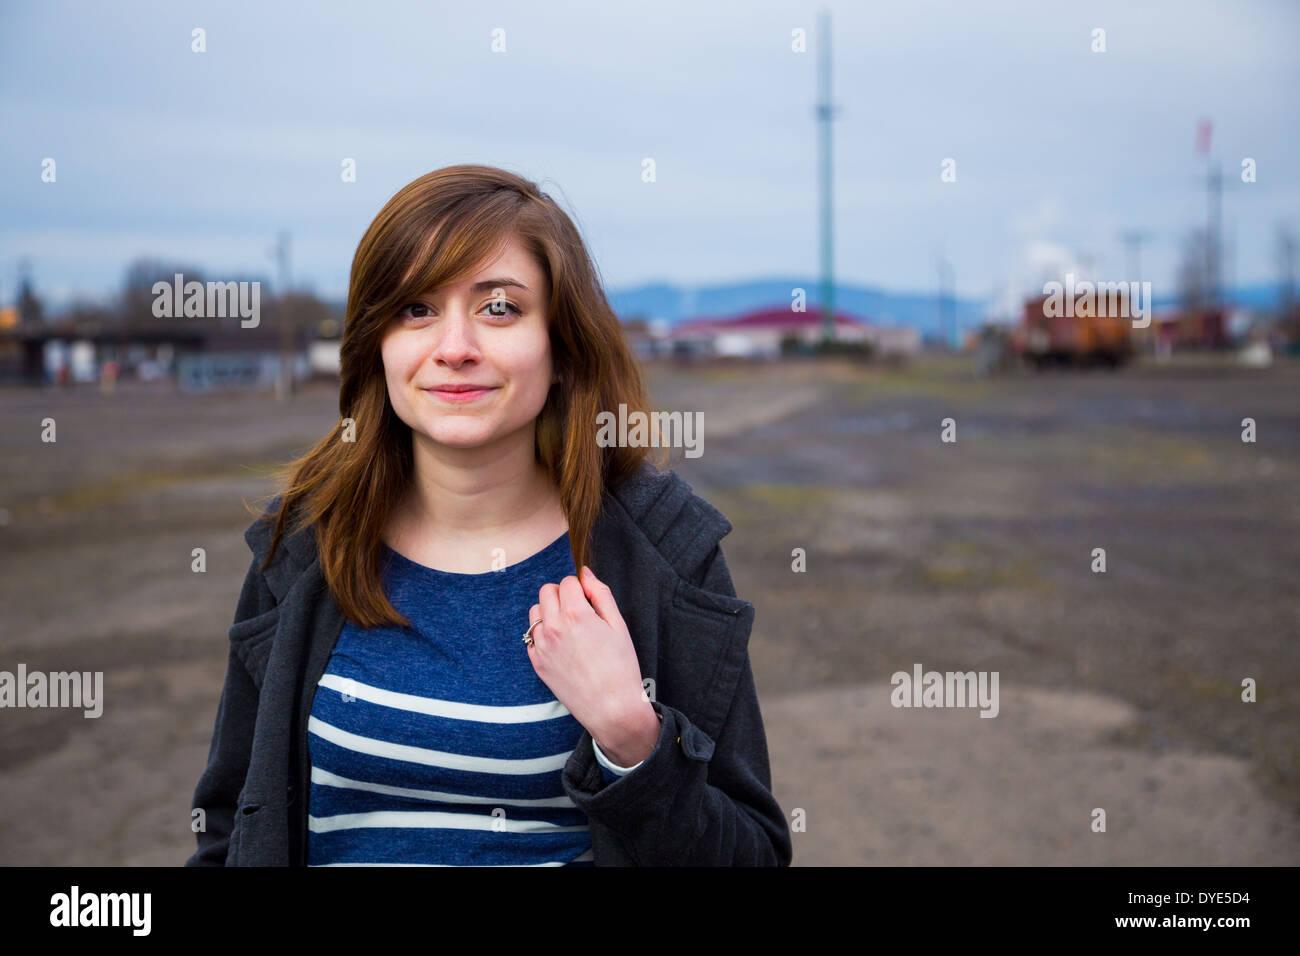 Hôtel moderne et branché, hipster girl dans une gare abandonnée au crépuscule dans ce style de mode portrait. Photo Stock